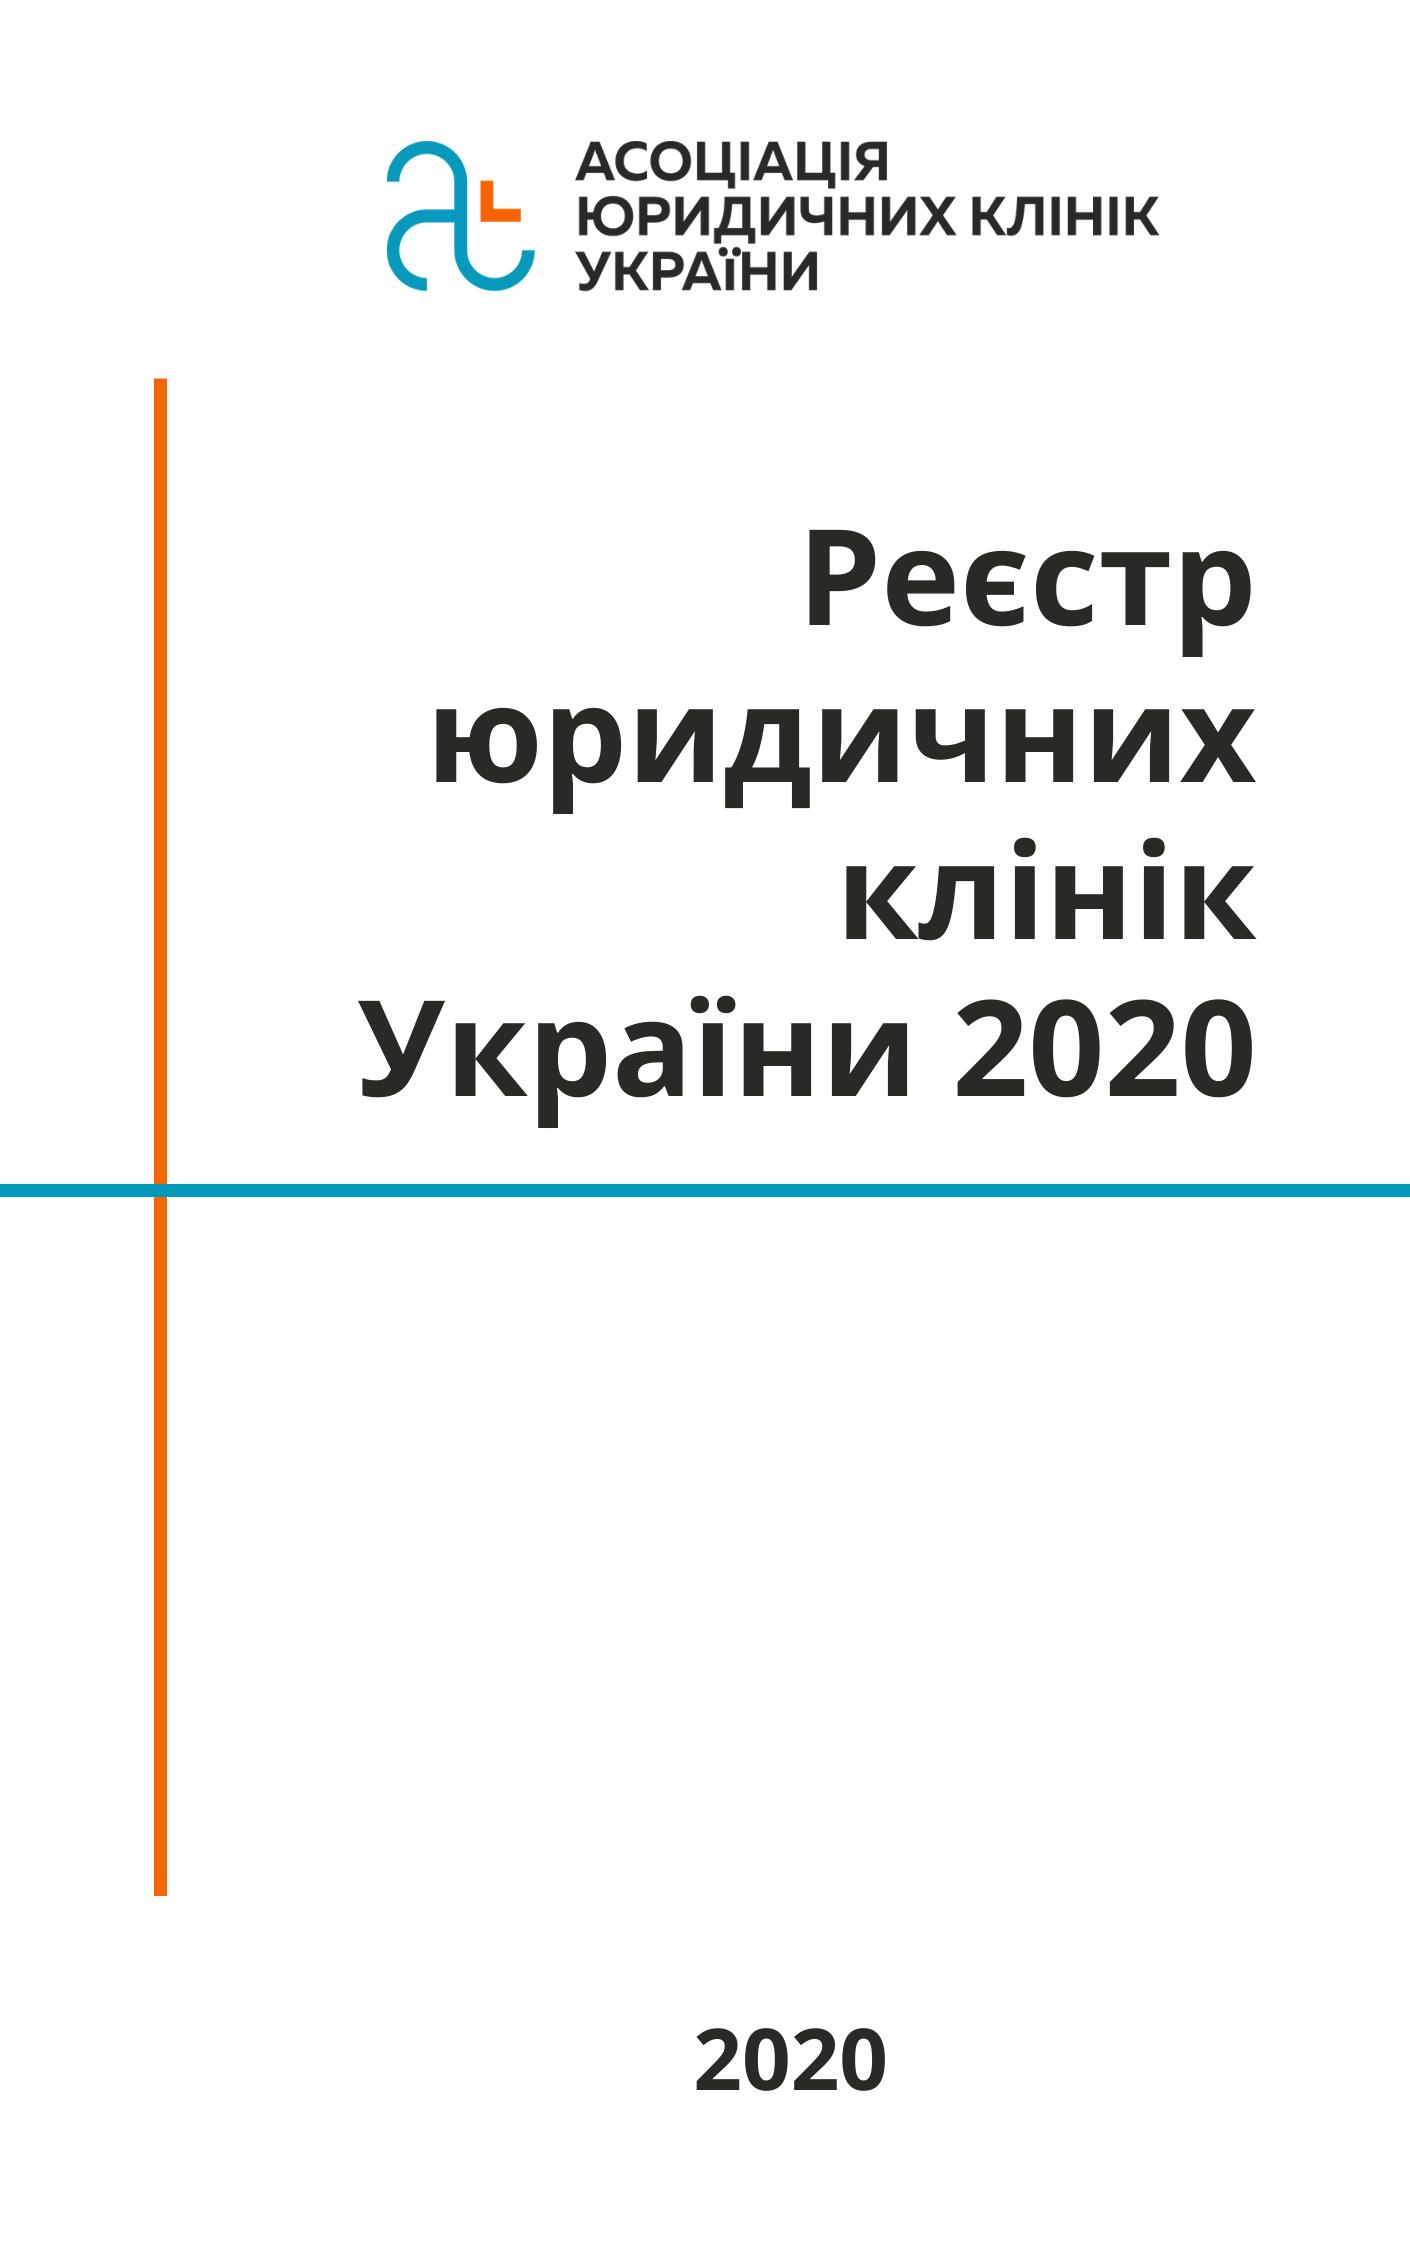 Реєстр Асоціації юридичних клінік України 2020